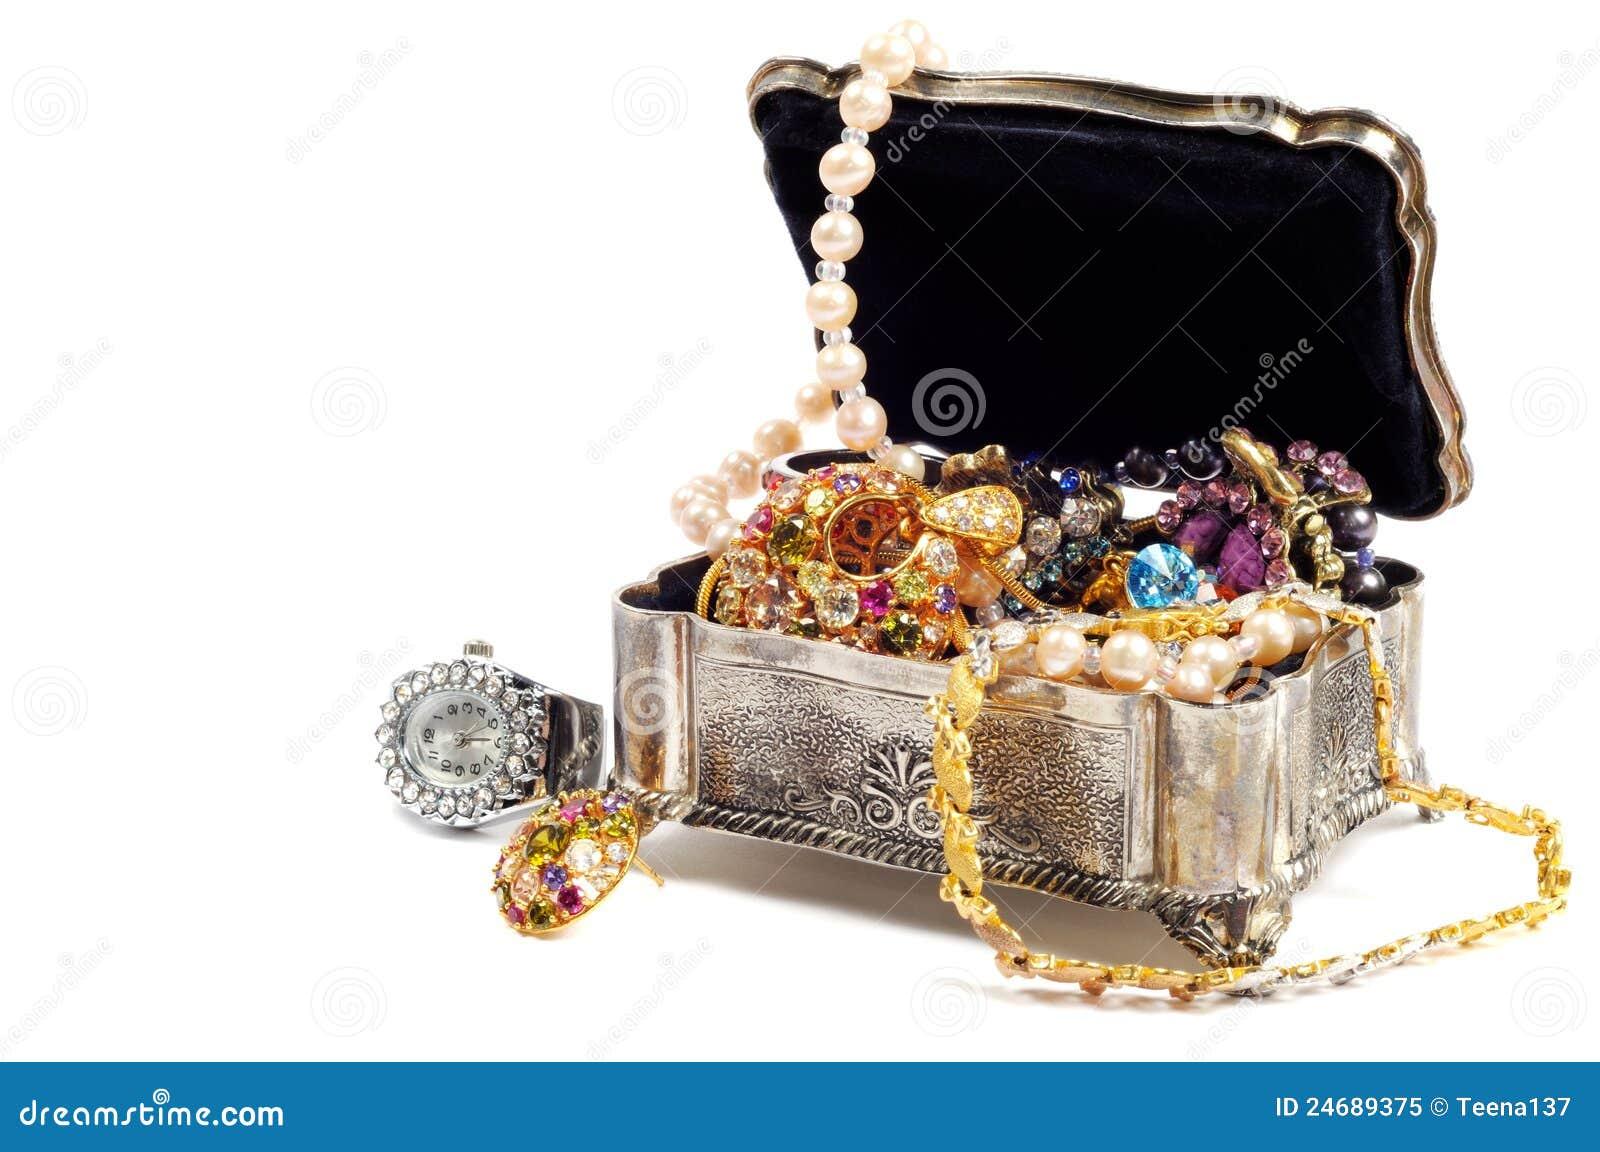 accessoire de femme image stock image du enclenchement 24689375. Black Bedroom Furniture Sets. Home Design Ideas